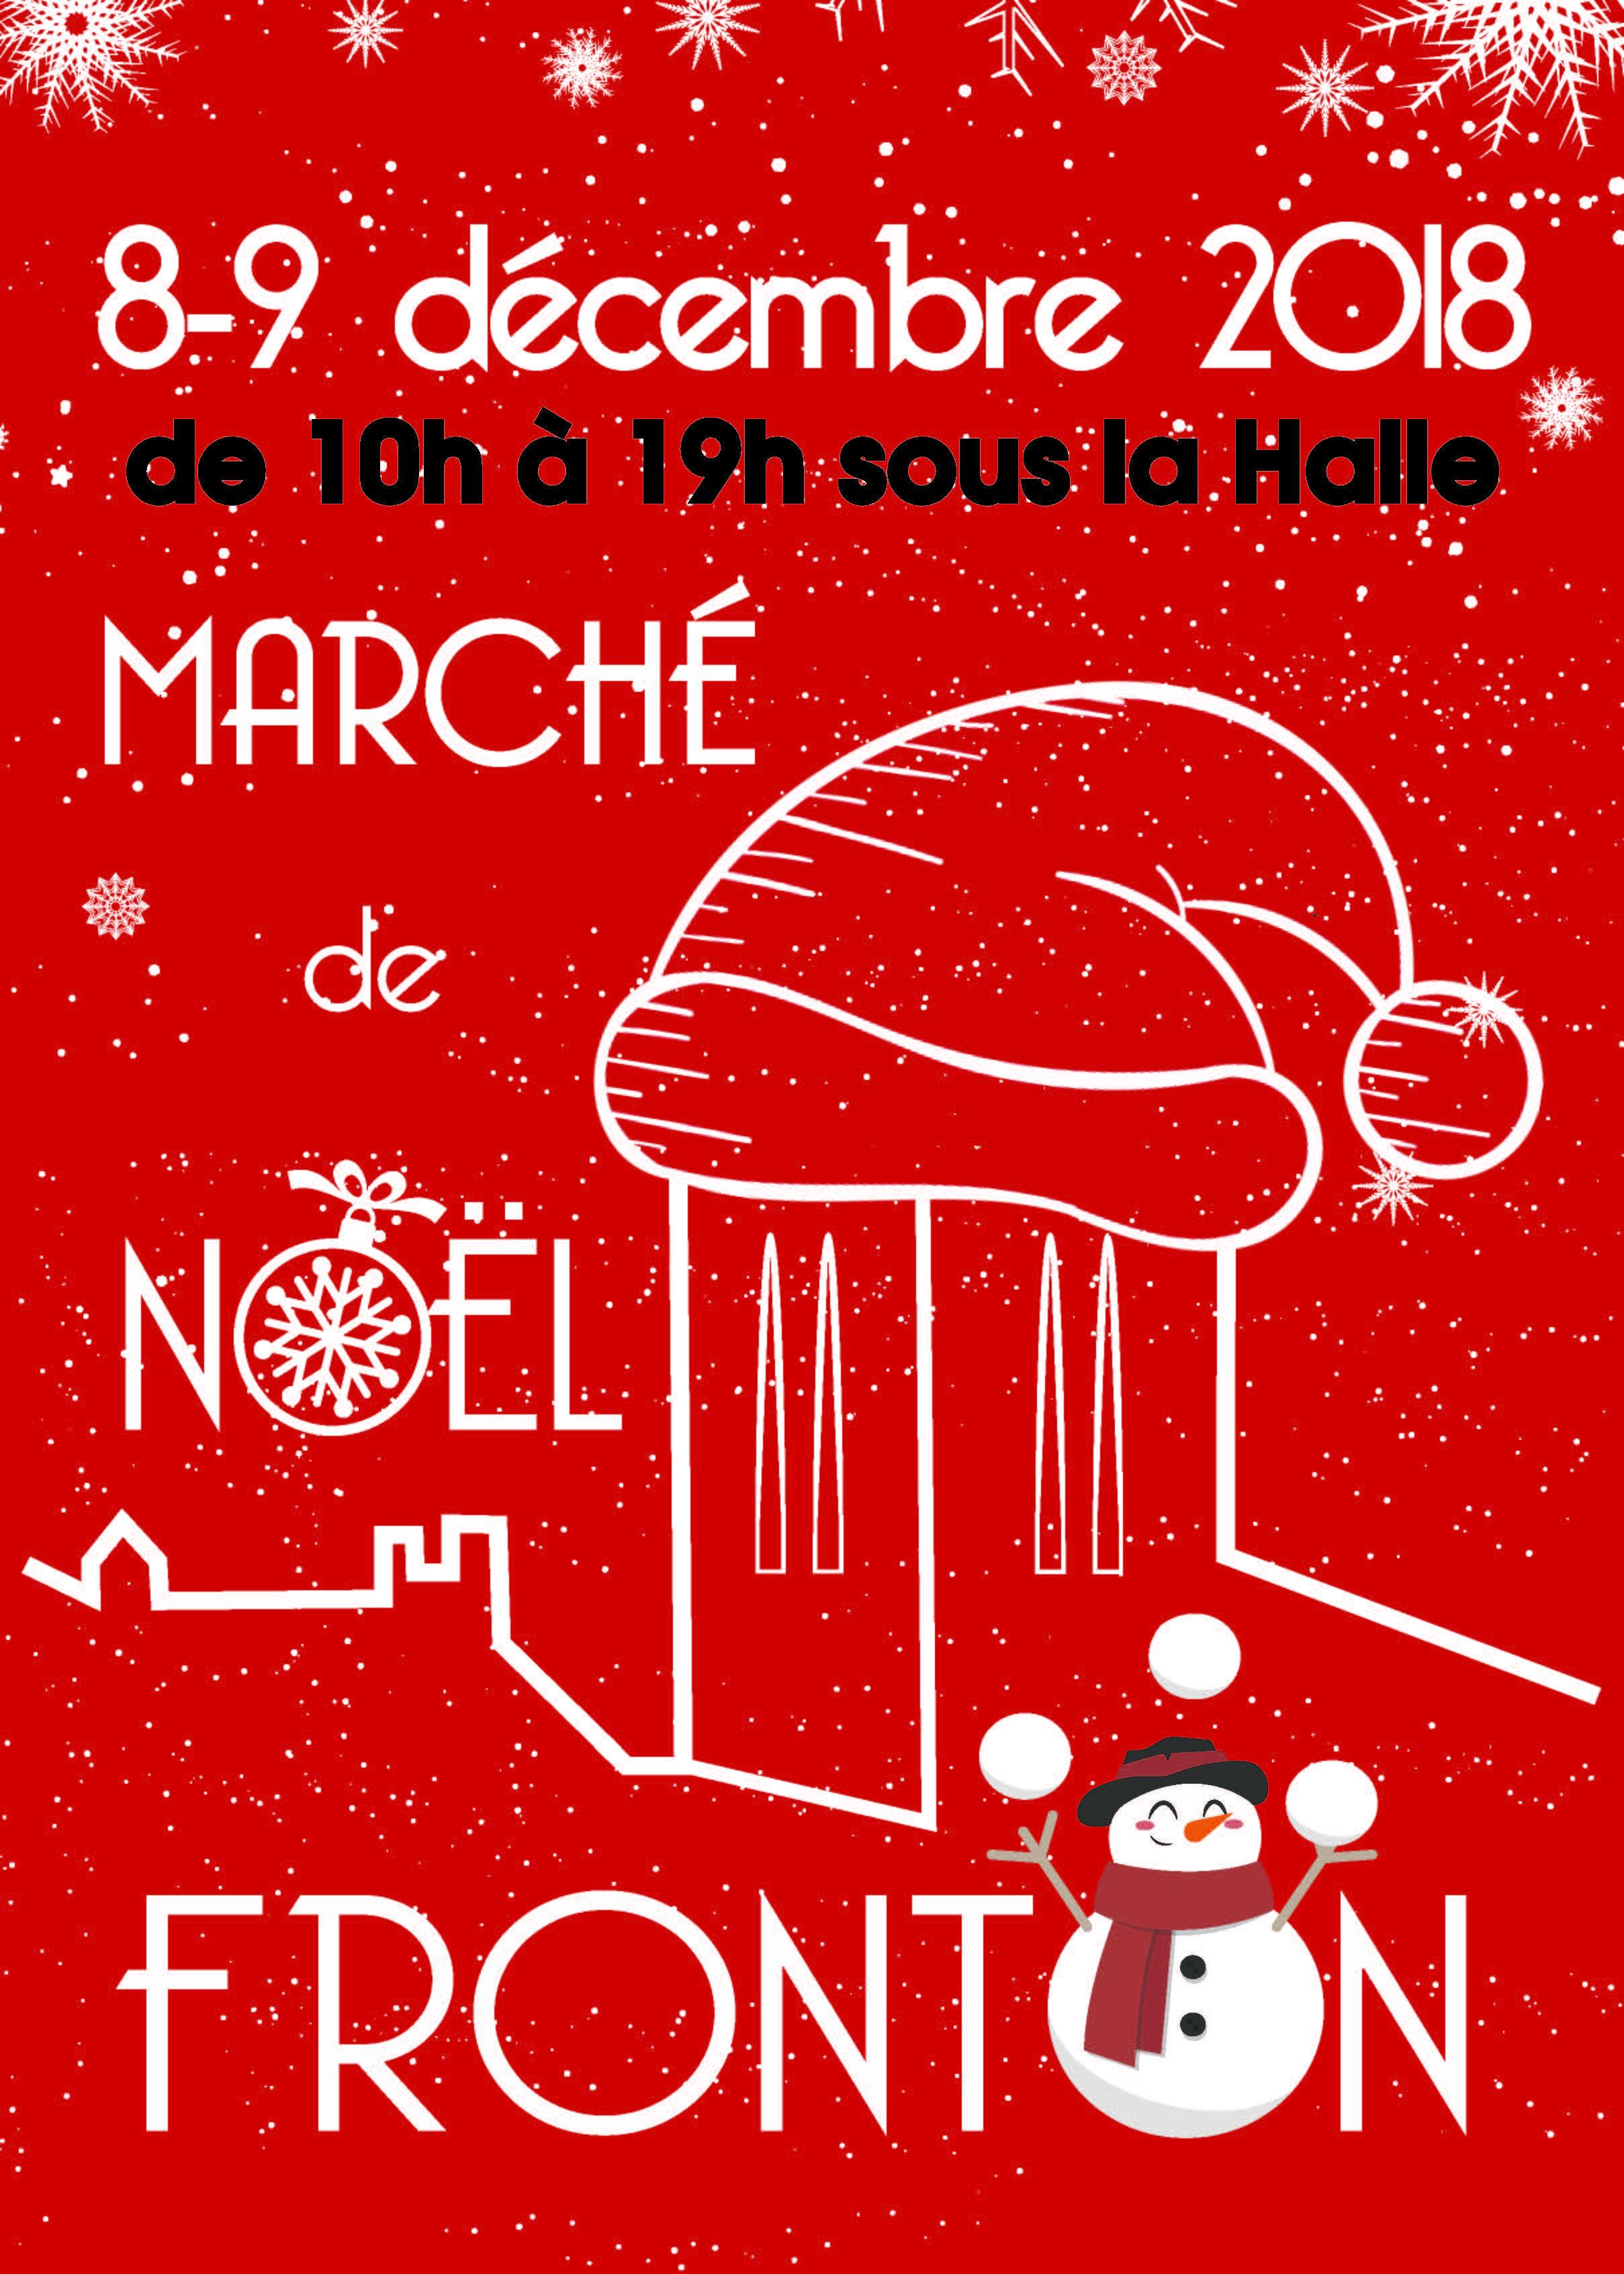 Le Marché de Noël de Fronton